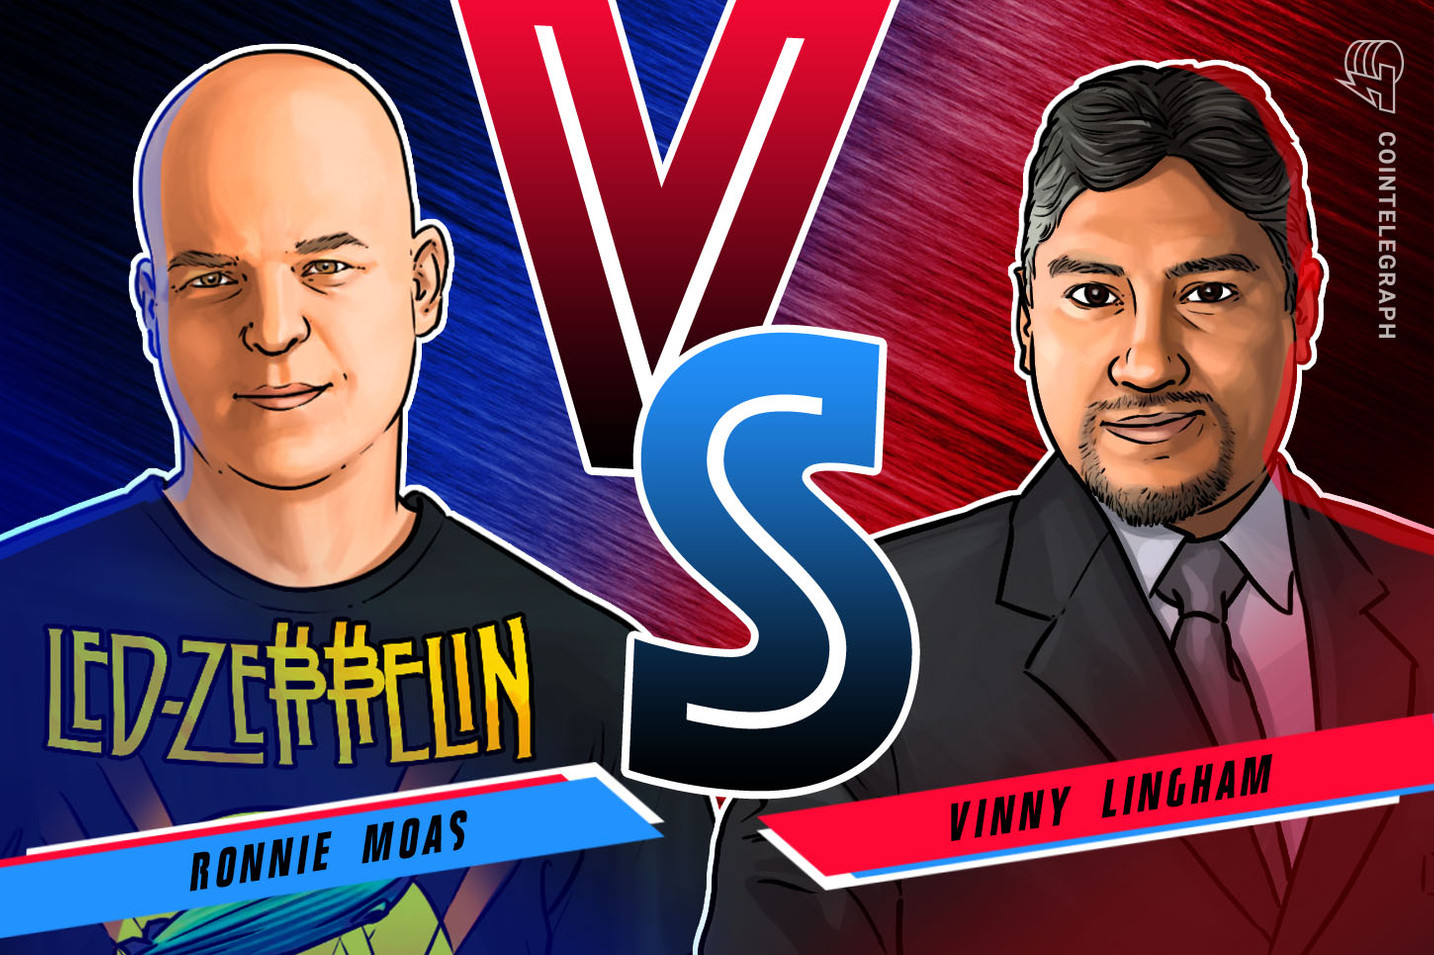 Ronnie Moas y Vinny Lingham pelean por una apuesta de USD 20K en Bitcoin